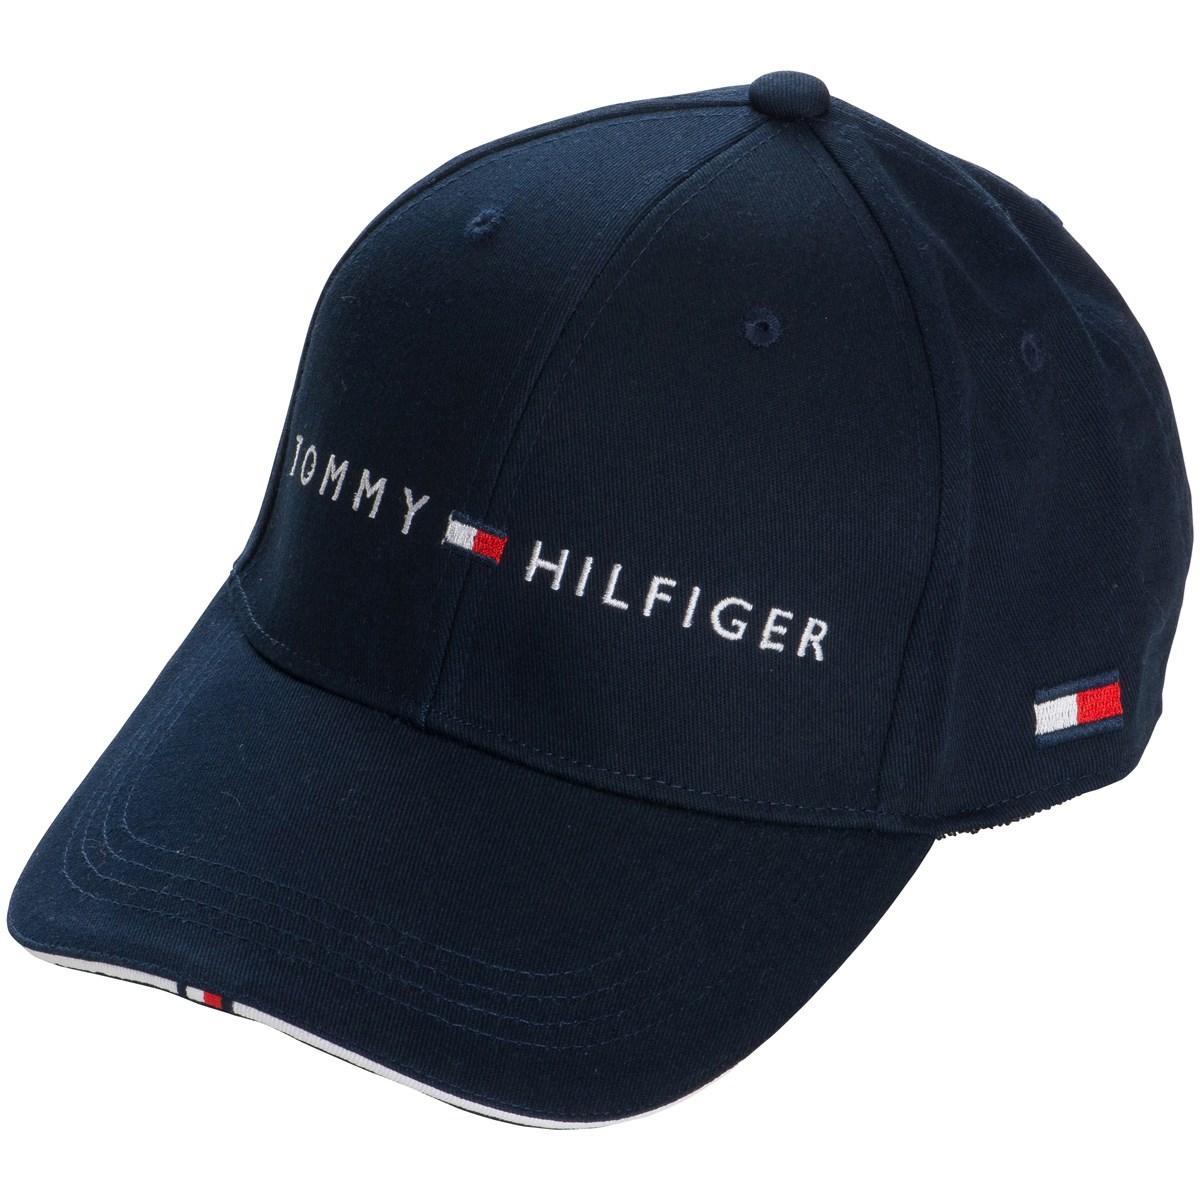 290ae70412b TH LOGO キャップ トミー ヒルフィガー ゴルフ TOMMY HILFIGER GOLF GDO ...